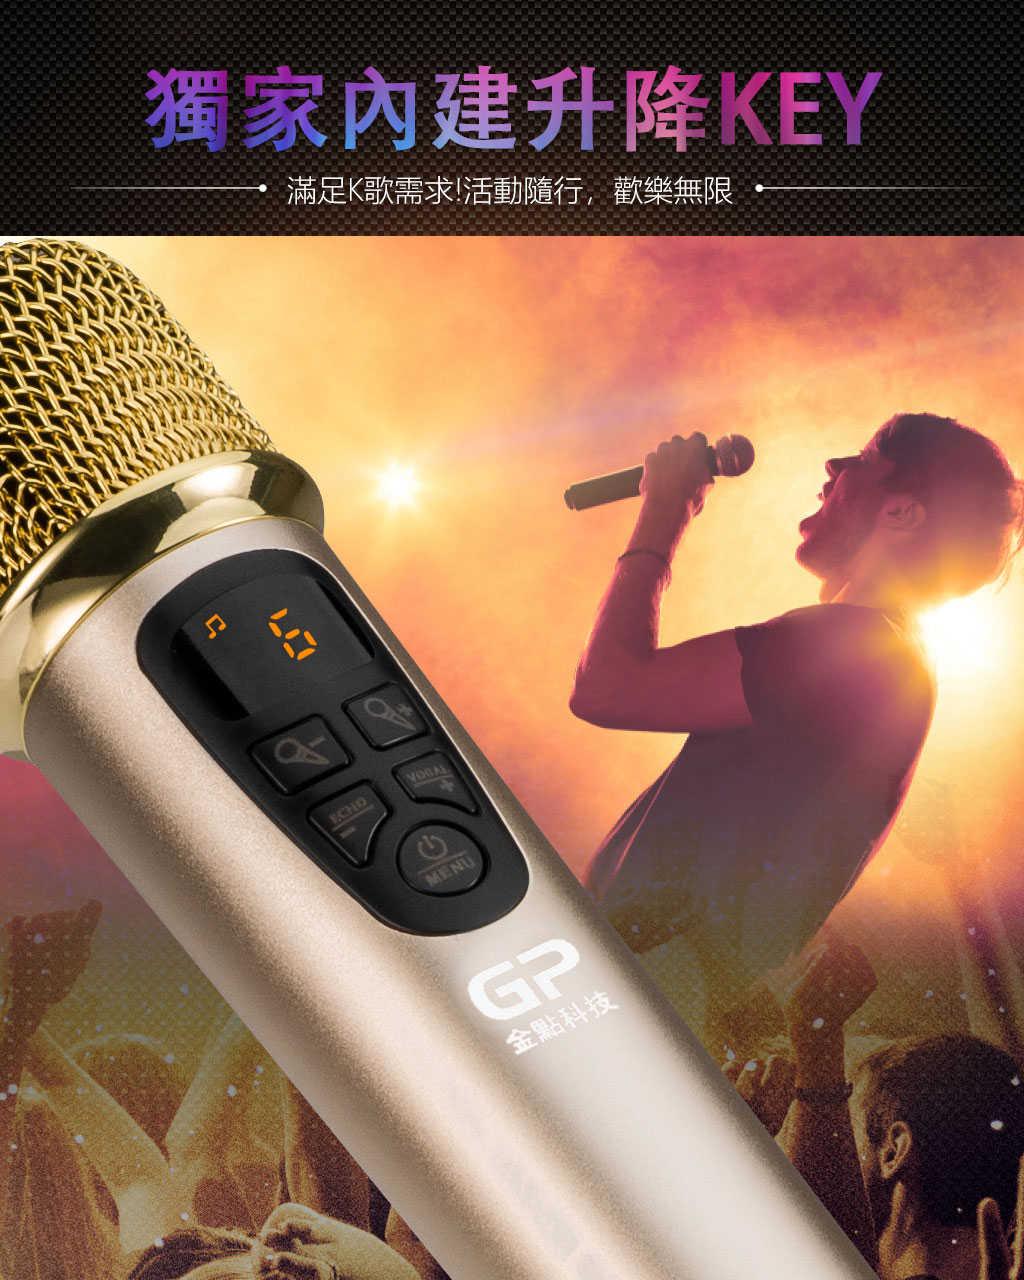 可升降KEY的第二代說唱神麥~最新款F1+(PLUS)數位掌上KTV無線麥克風藍芽喇叭(贈整新機)